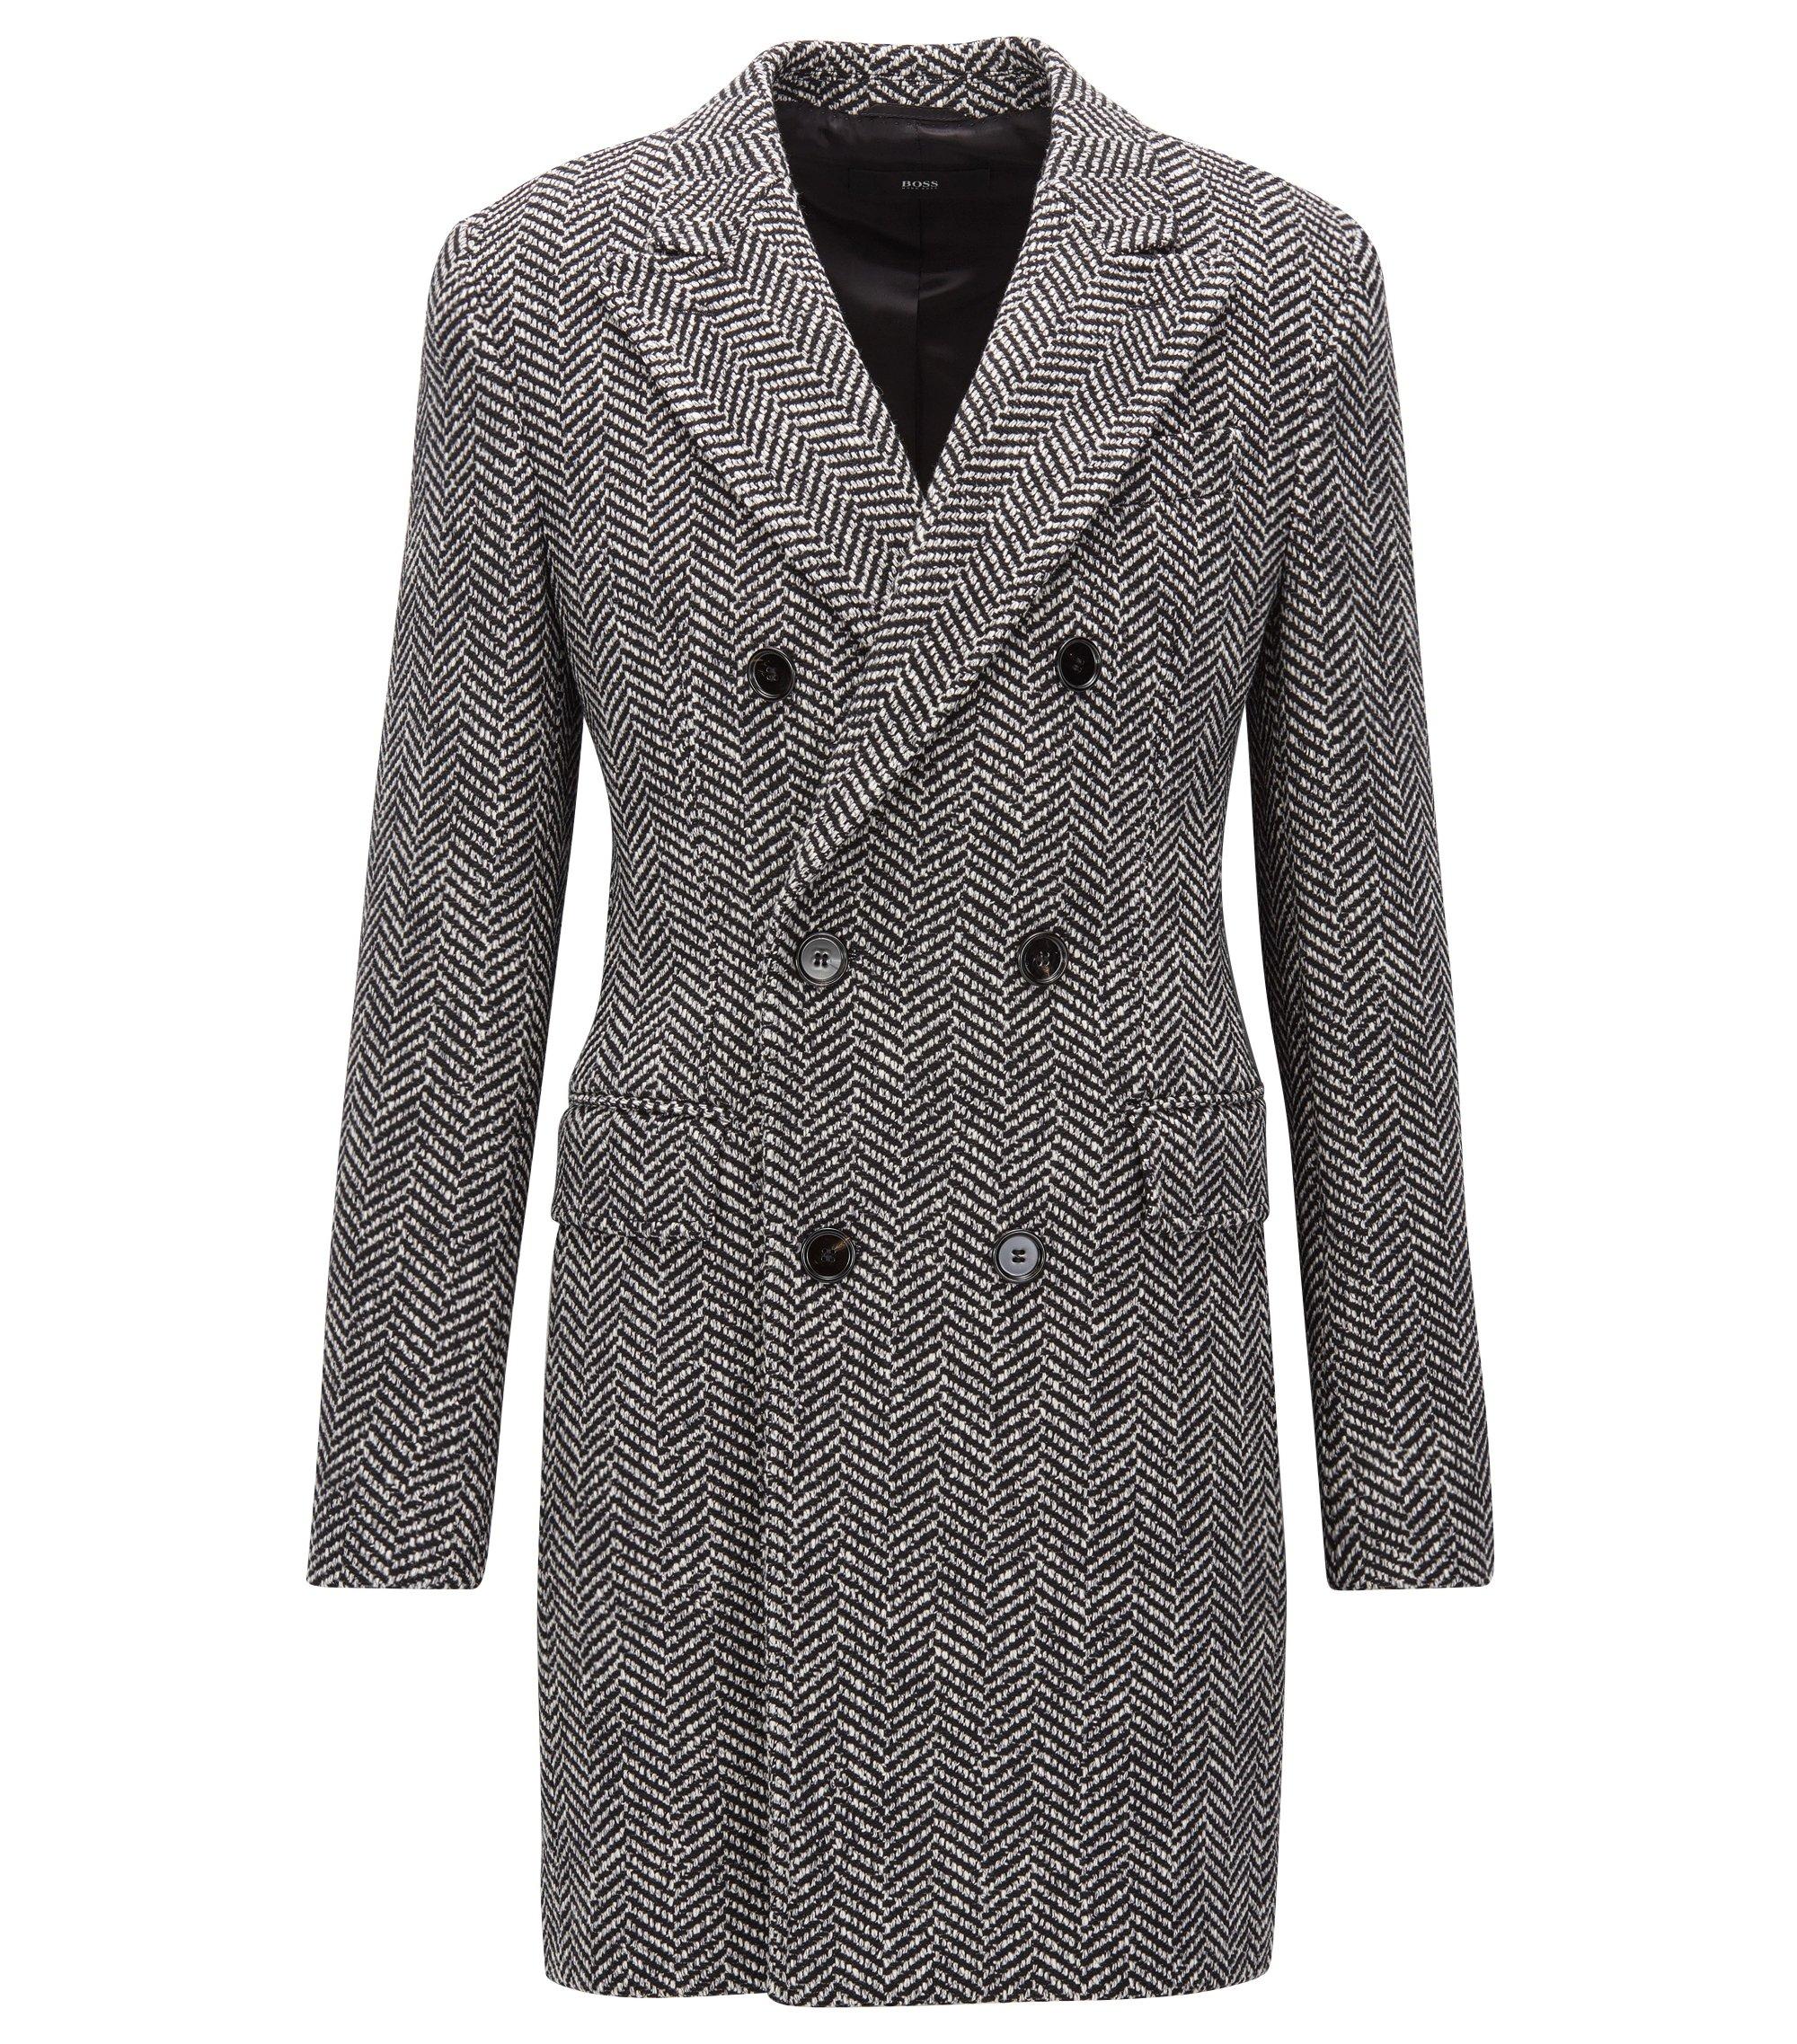 Manteau croisé Slim Fit à chevrons, Gris sombre